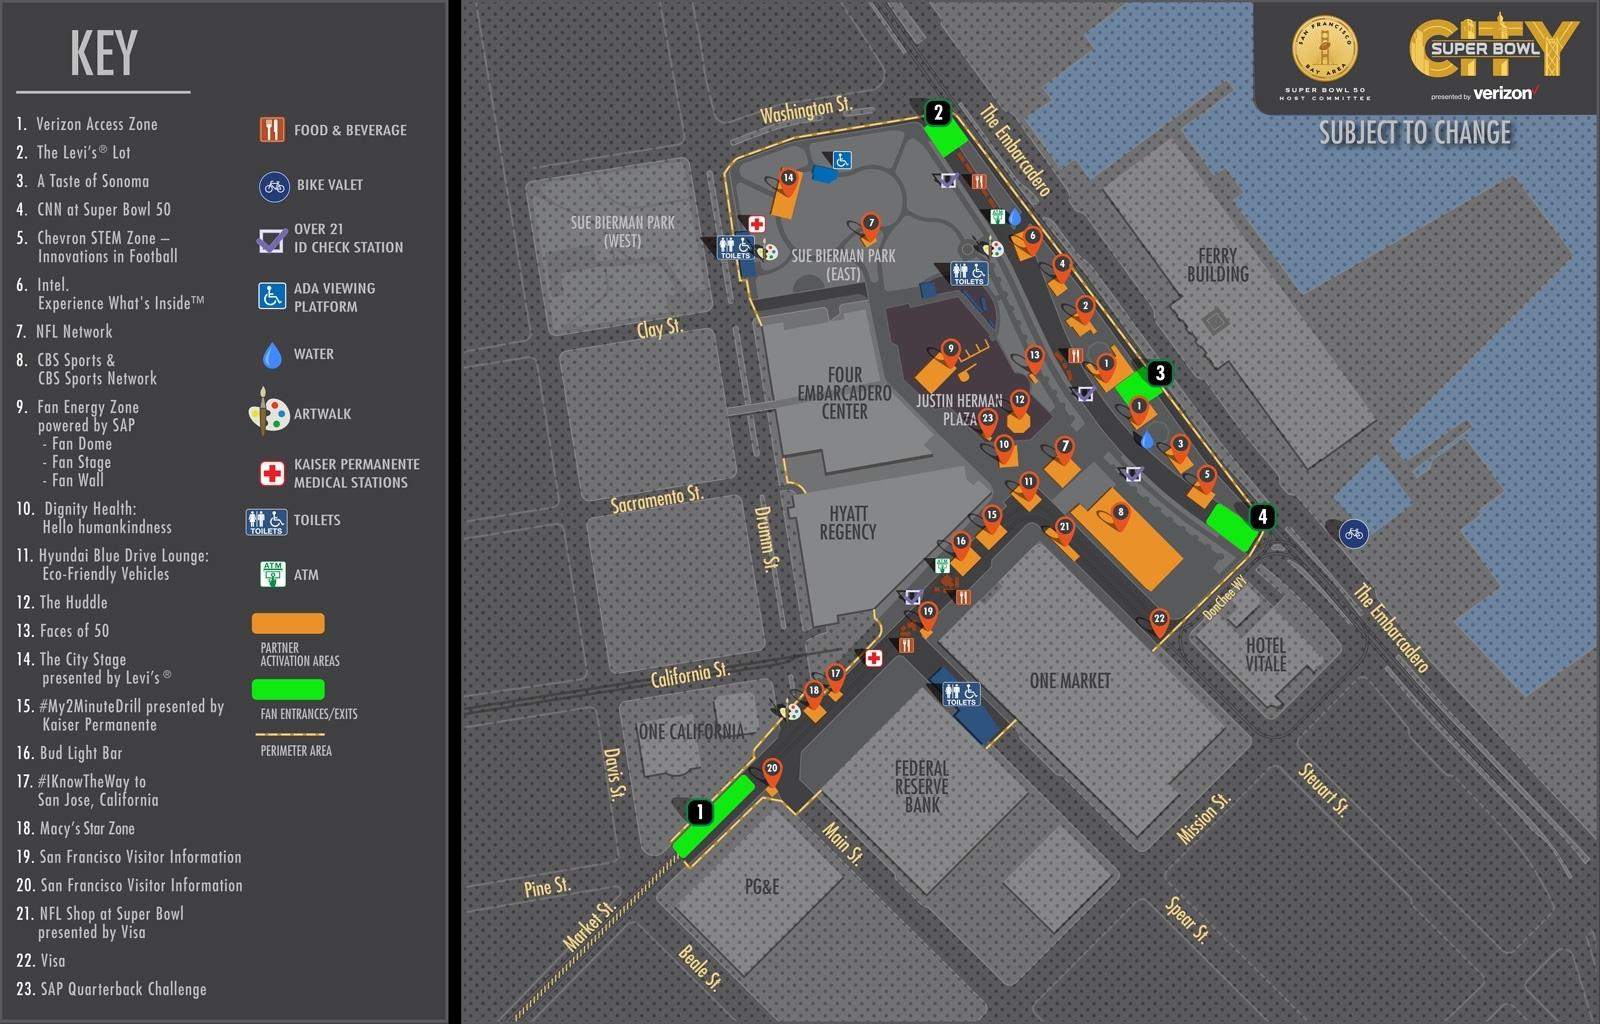 Super Bowl 50: Pedestrian & Bike Detours For Market & The intended for Super Bowl Parking Map